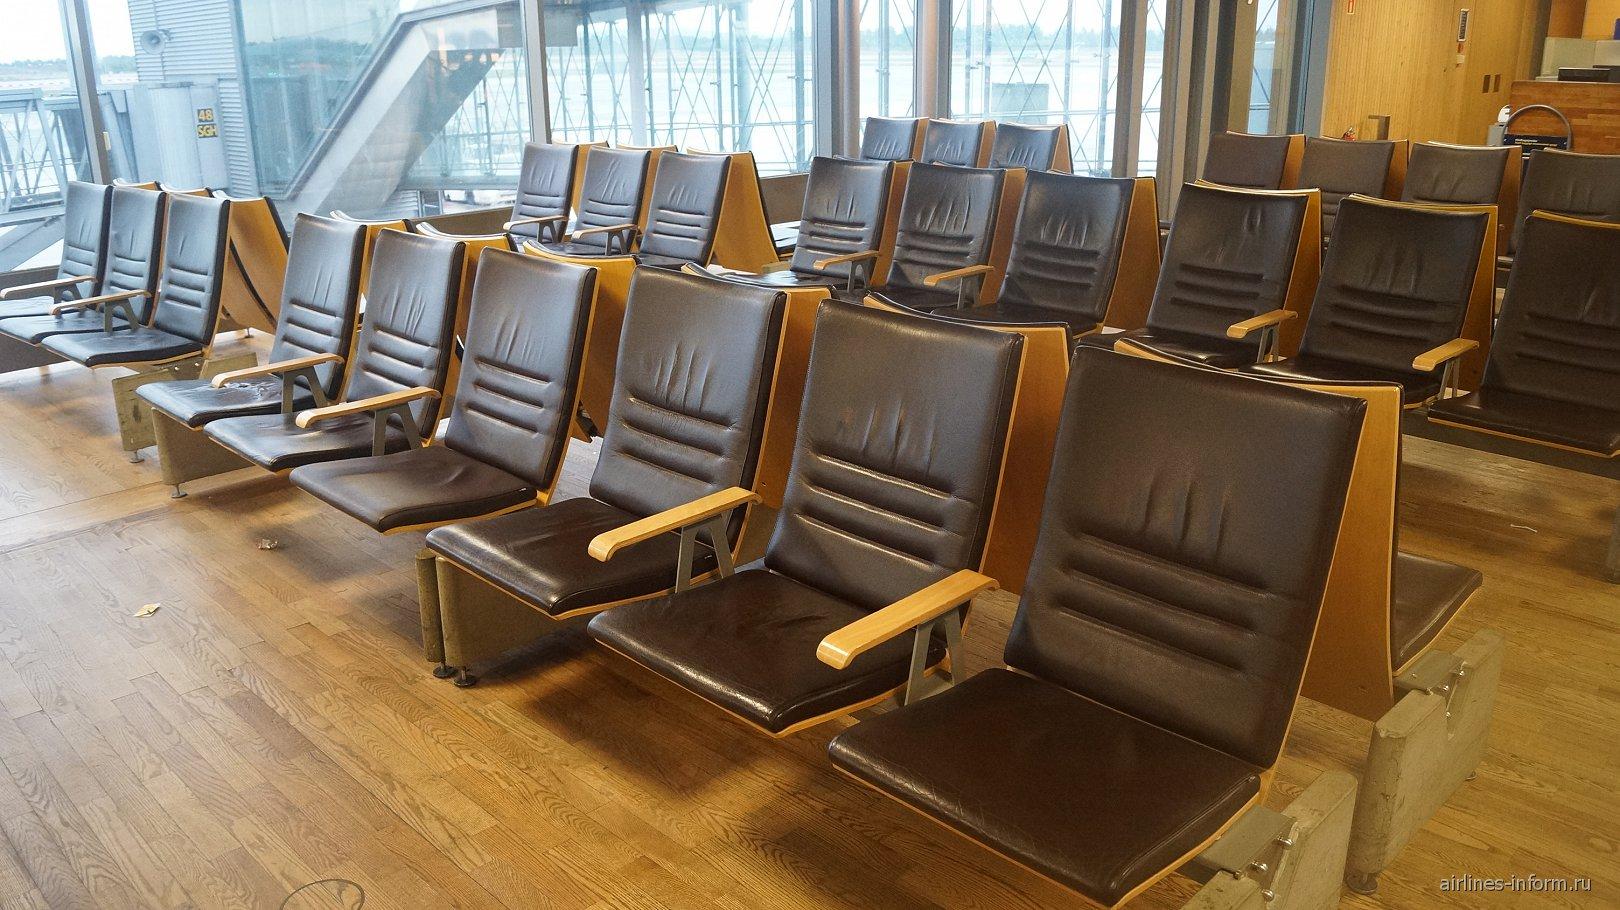 Зал ожидания перед вылетом в аэропорту Осло Гардермуэн